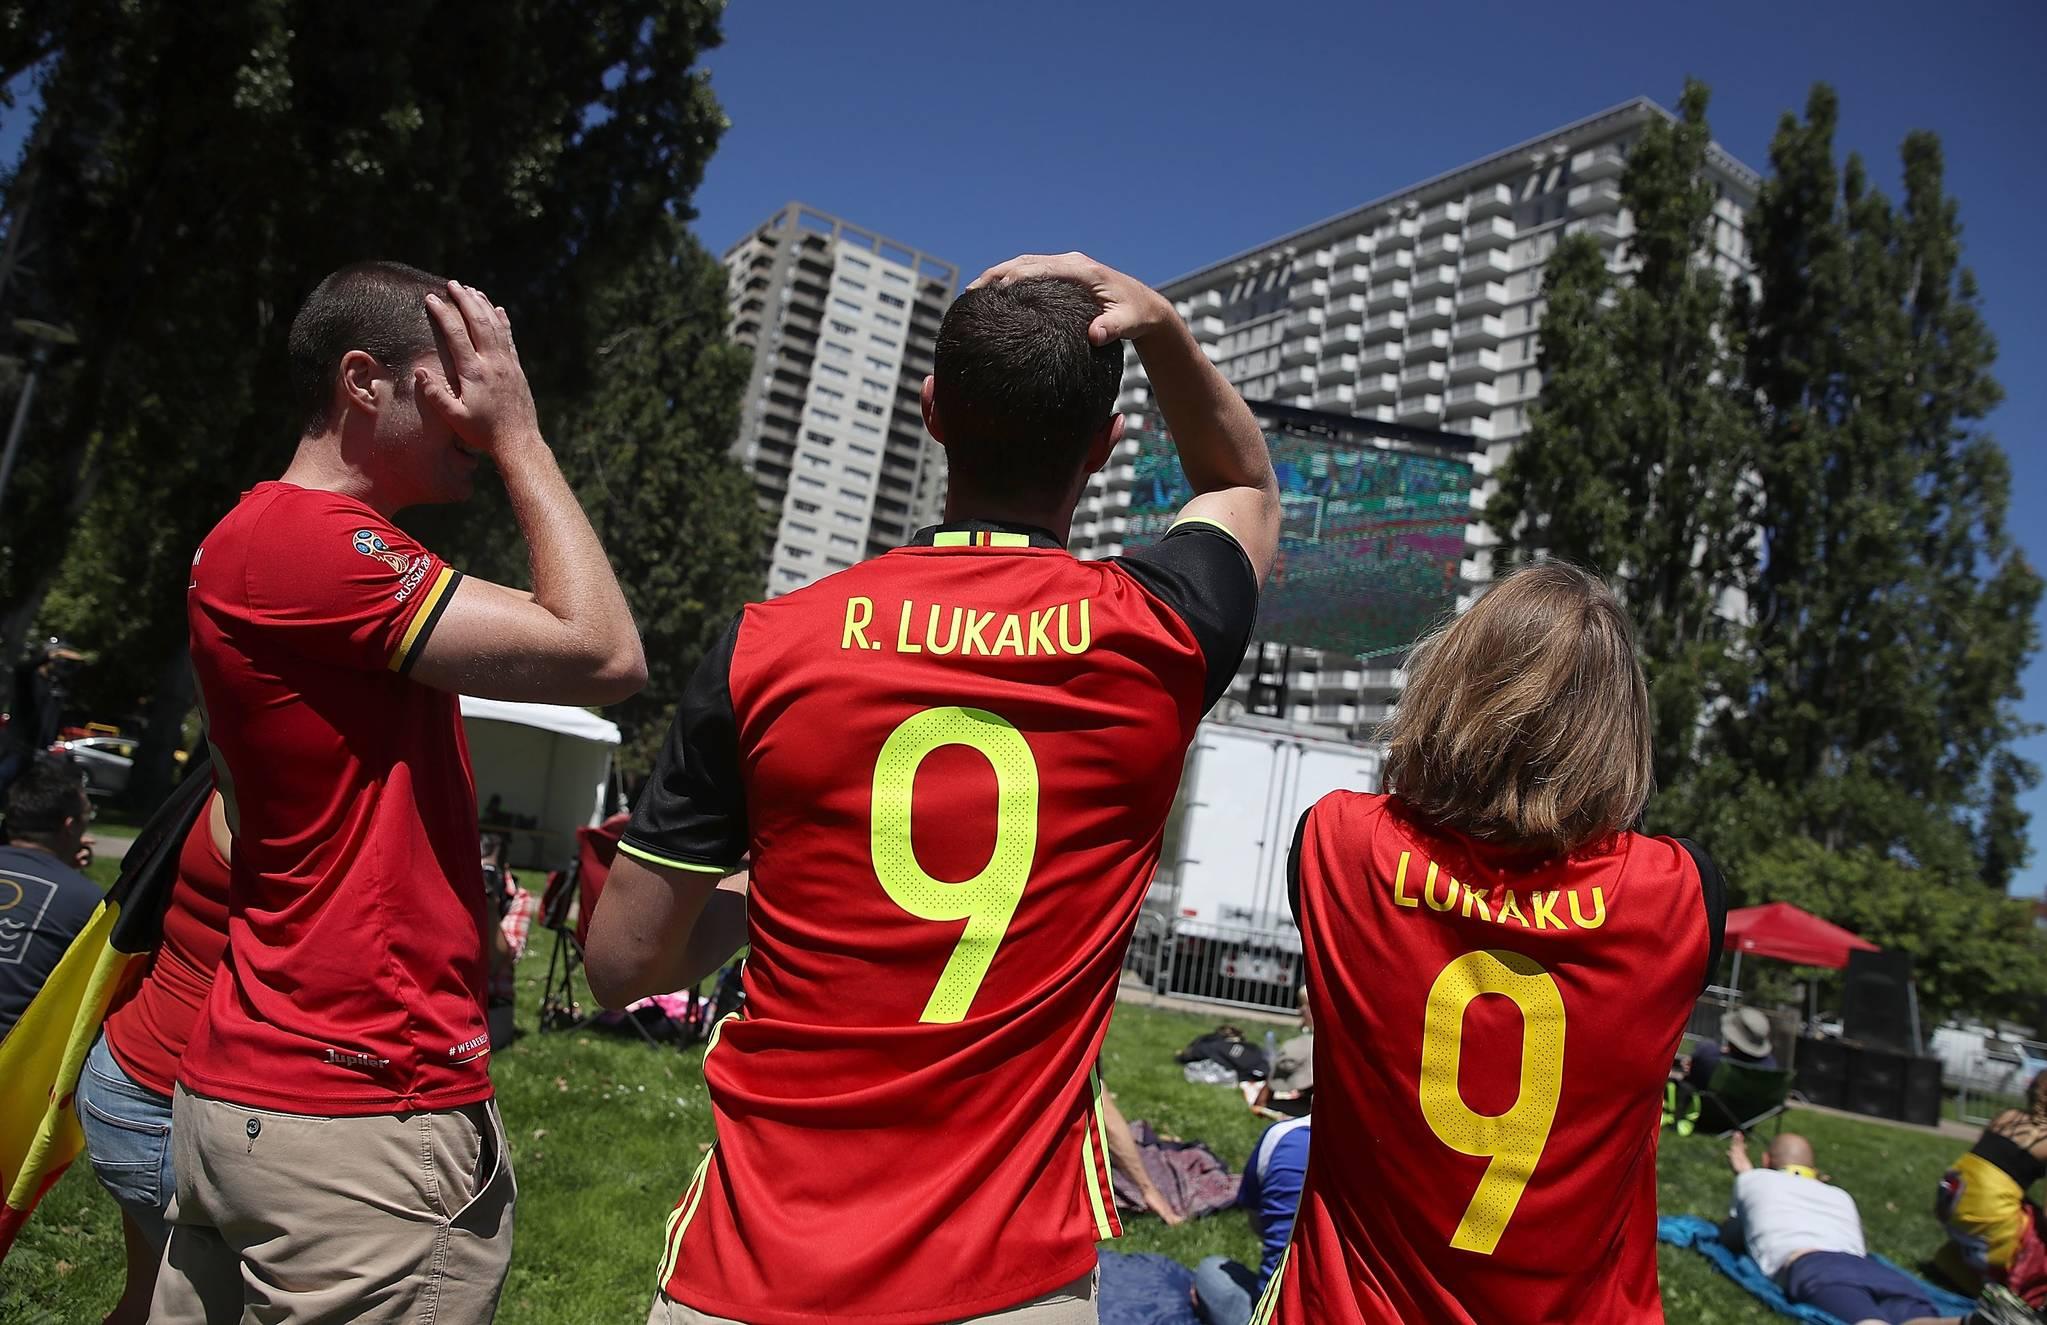 지난 10일 미국 샌프란시스코에서 벨기에 축구팬들이 프랑스와의 준결승전을 지켜보며 안타까워 하고 있다.[연합뉴스]